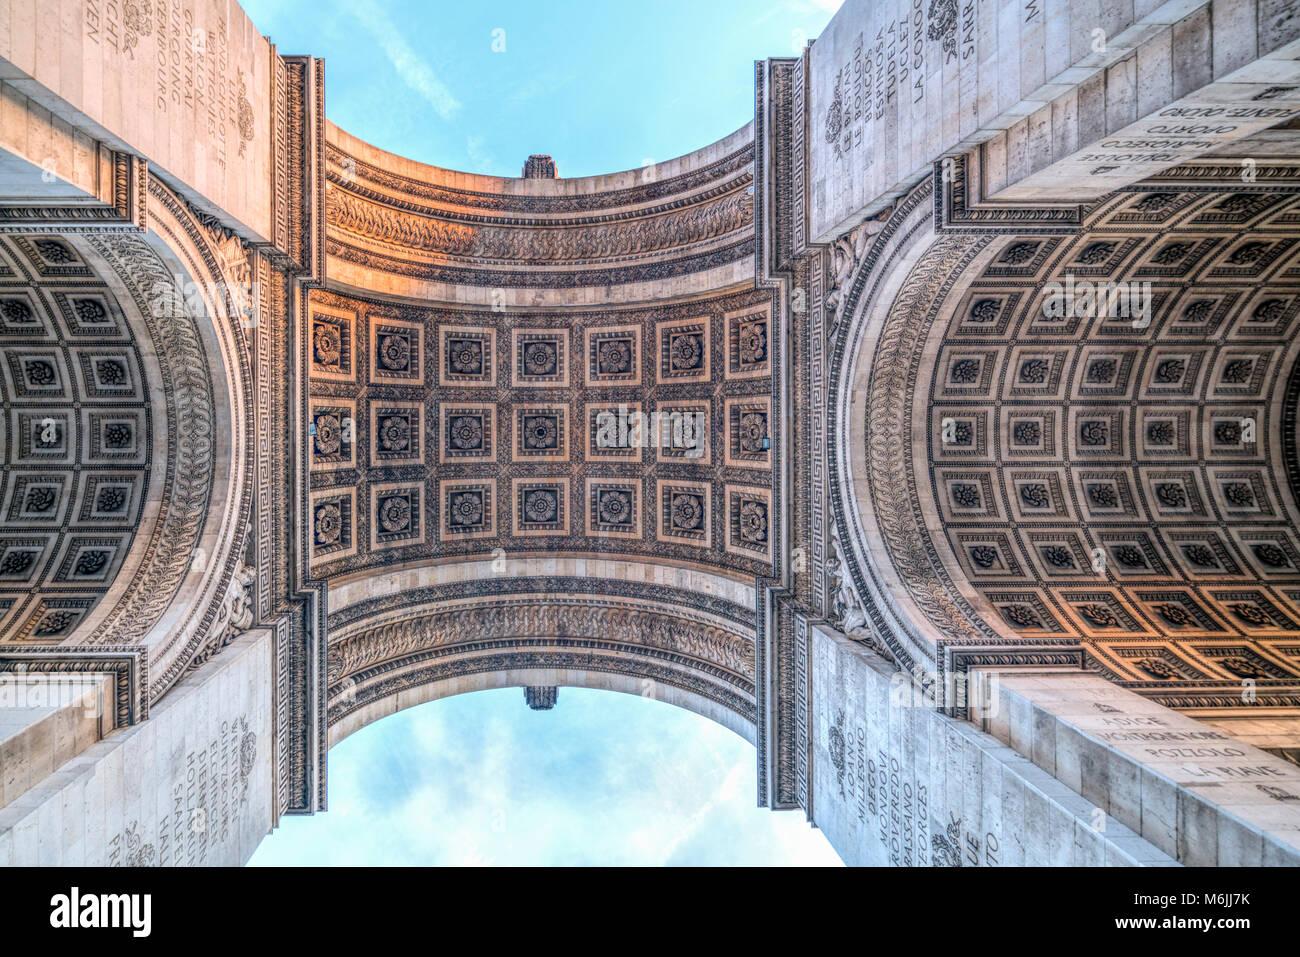 Arc de Triomphe de l'Étoile, low angle view, Paris, France. - Stock Image